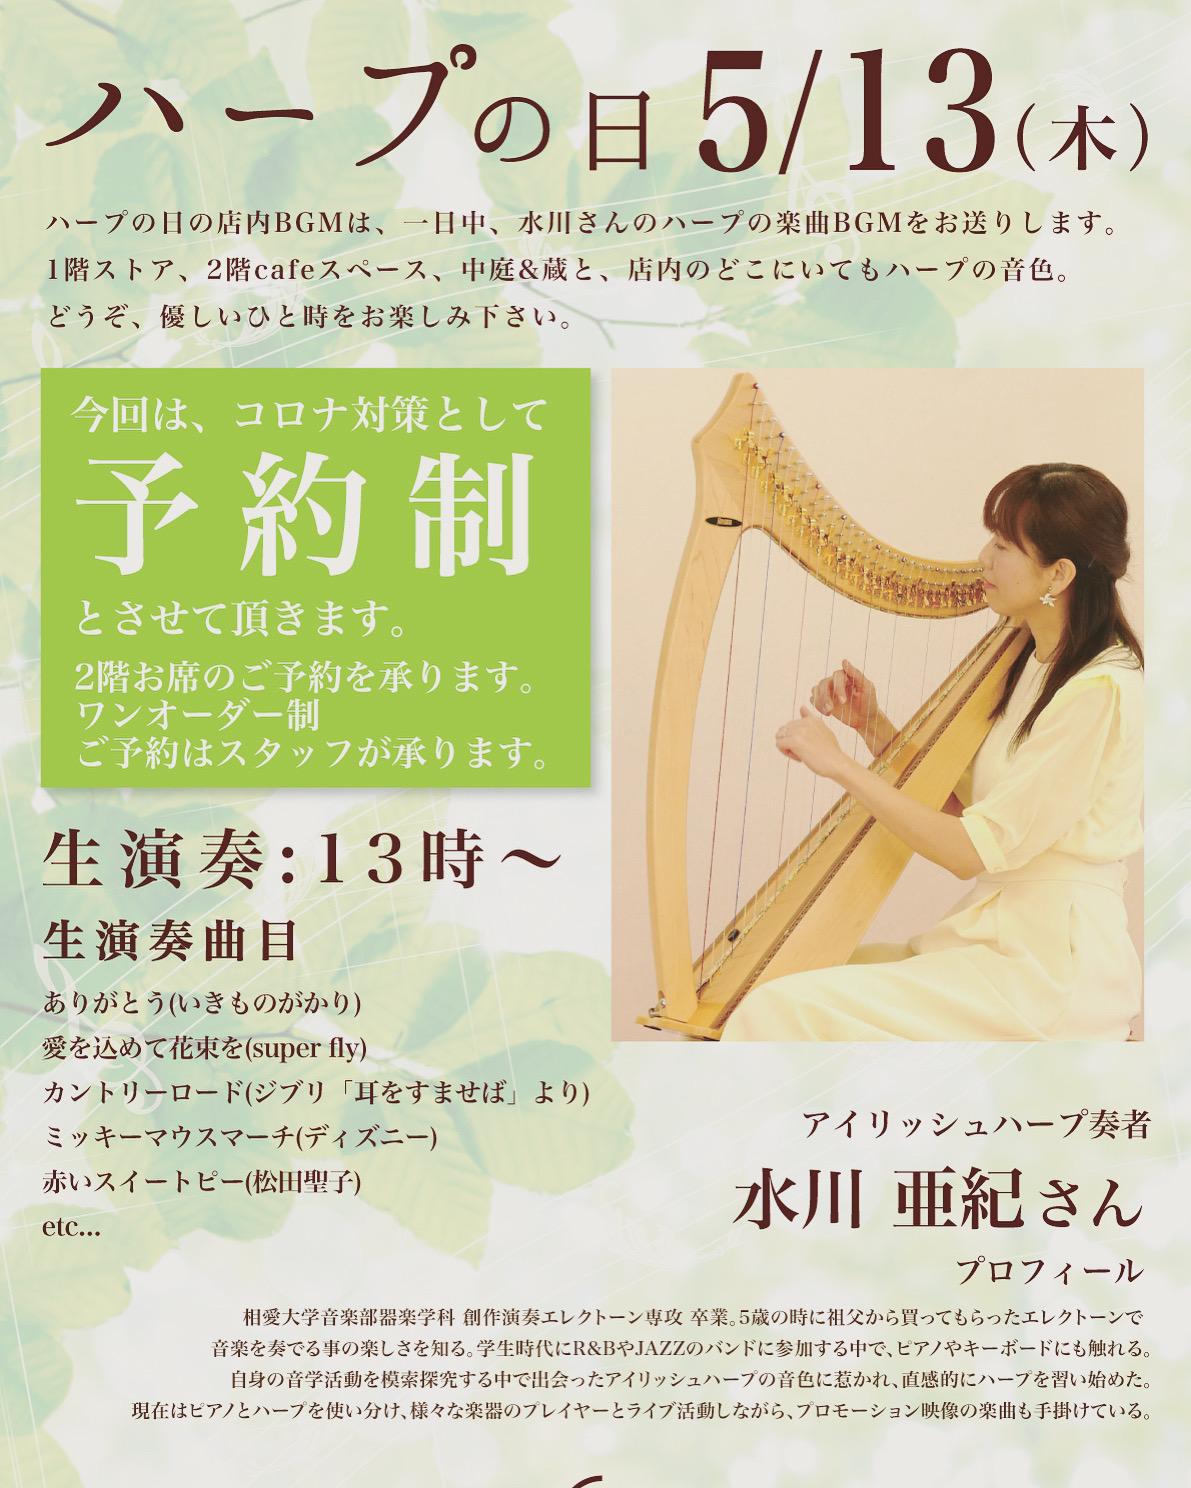 <p>ハープの日、演奏会をご予約いただいたお客様へ いつもkaicocafeをご愛顧頂き有難うございます。 5月13日(木)に予定しておりました「ハープの日」の生演奏ですが 大阪府の緊急事態宣言の延期に伴いまして、中止とさせていただきます。 こんな時だからこそ、ハープの音色に癒され 心地よい時間を共に過ごしたかったのですが、、、、 ご予約のお客様には、大変ご迷惑をおかけします。 またの機会のご予約をお待 […]</p>